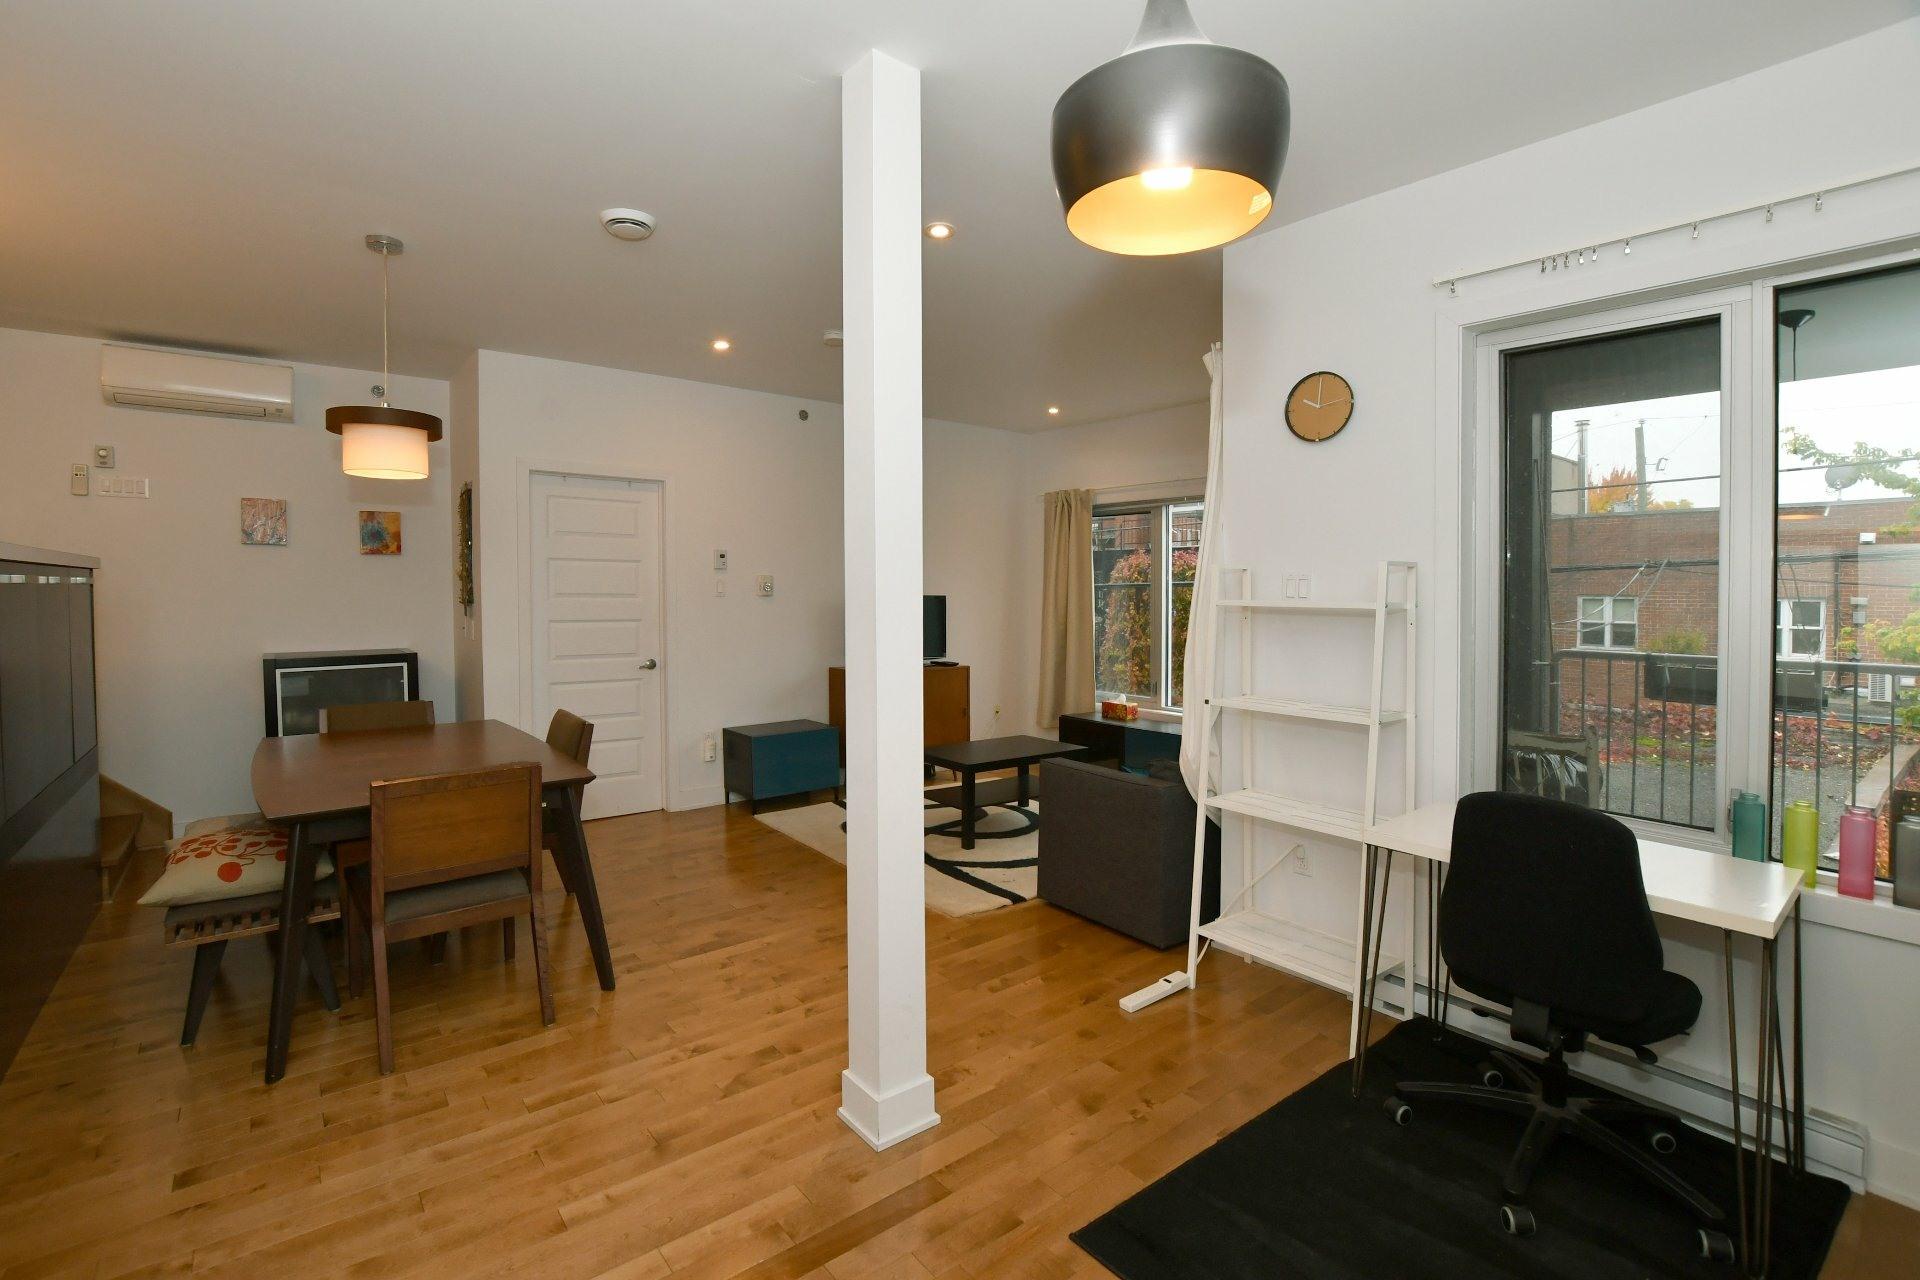 image 6 - Appartement À louer Le Plateau-Mont-Royal Montréal  - 4 pièces